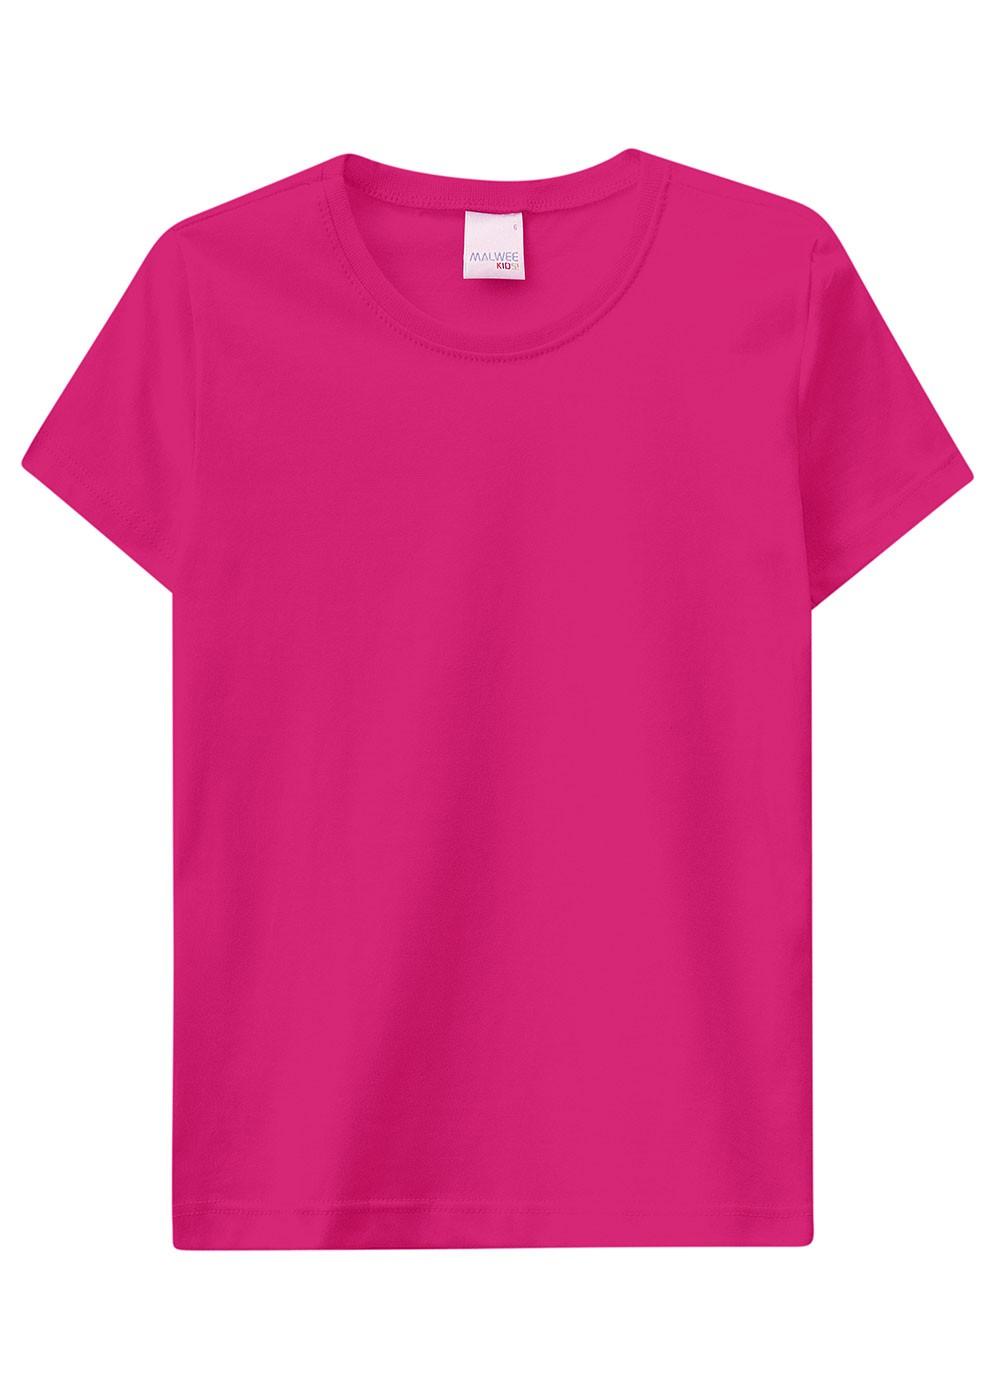 Camiseta Infantil Verão Resistente a Água Kit 3 Malwee